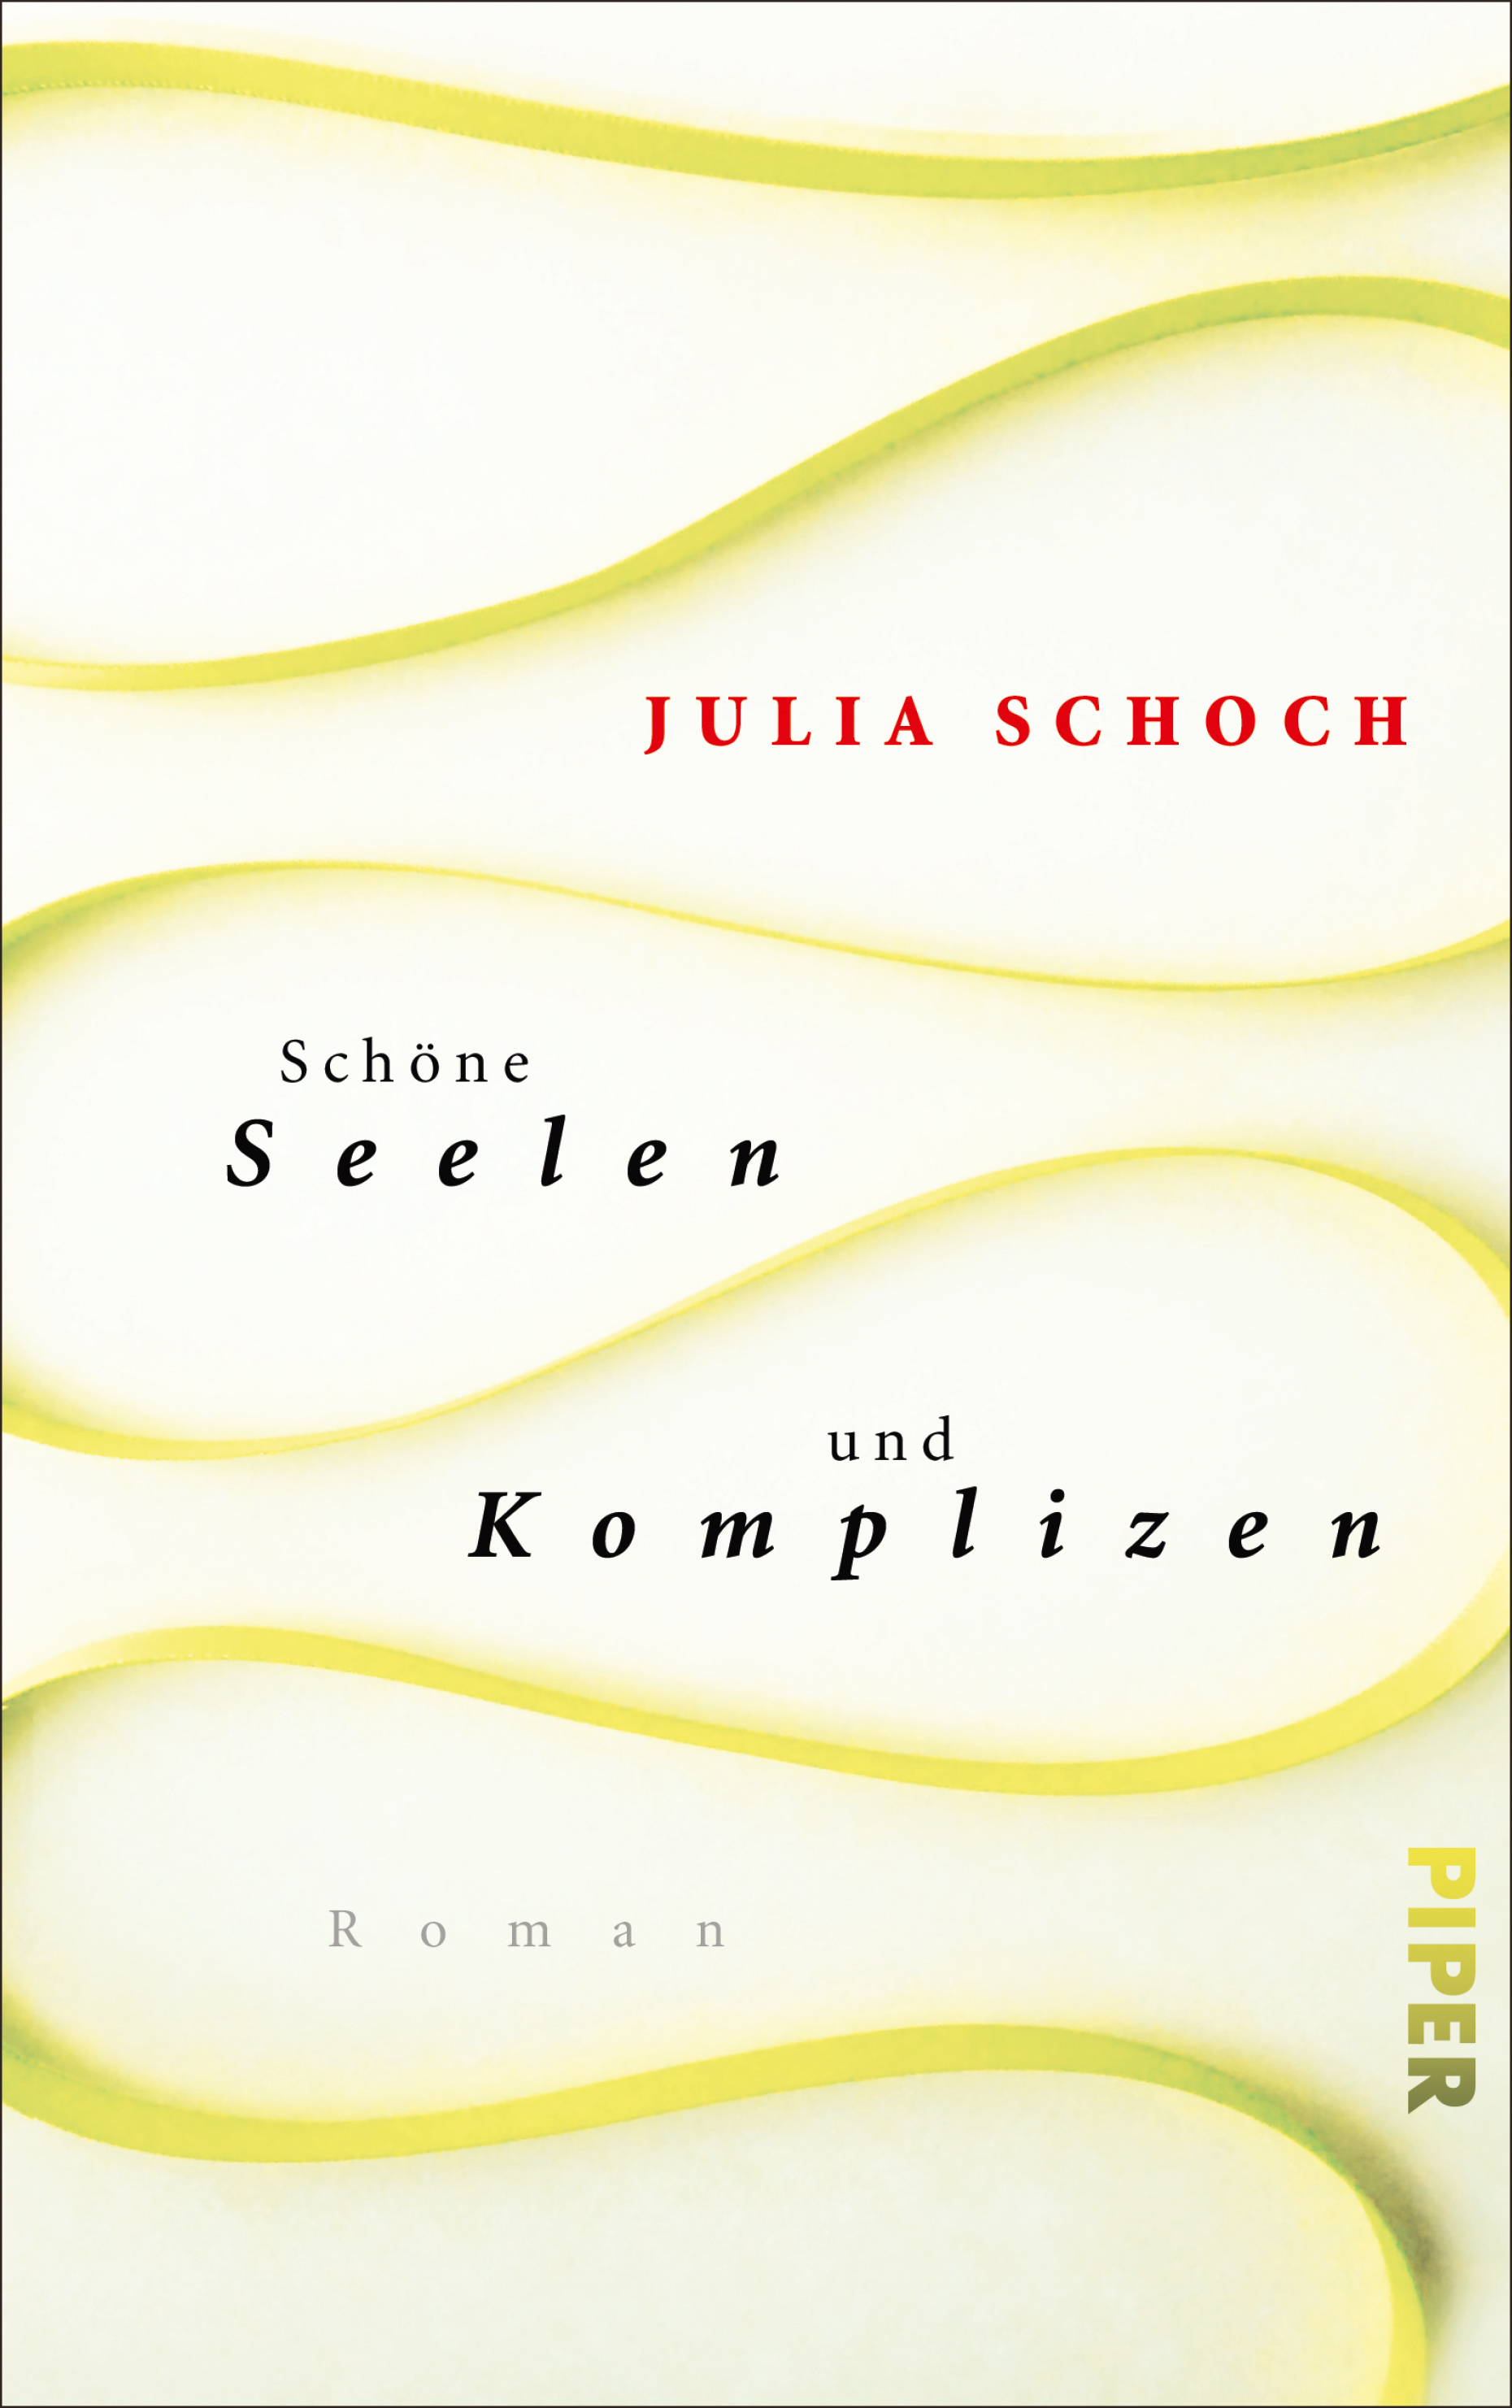 Schöne Seelen und Komplizen von Julia Schoch | PIPER